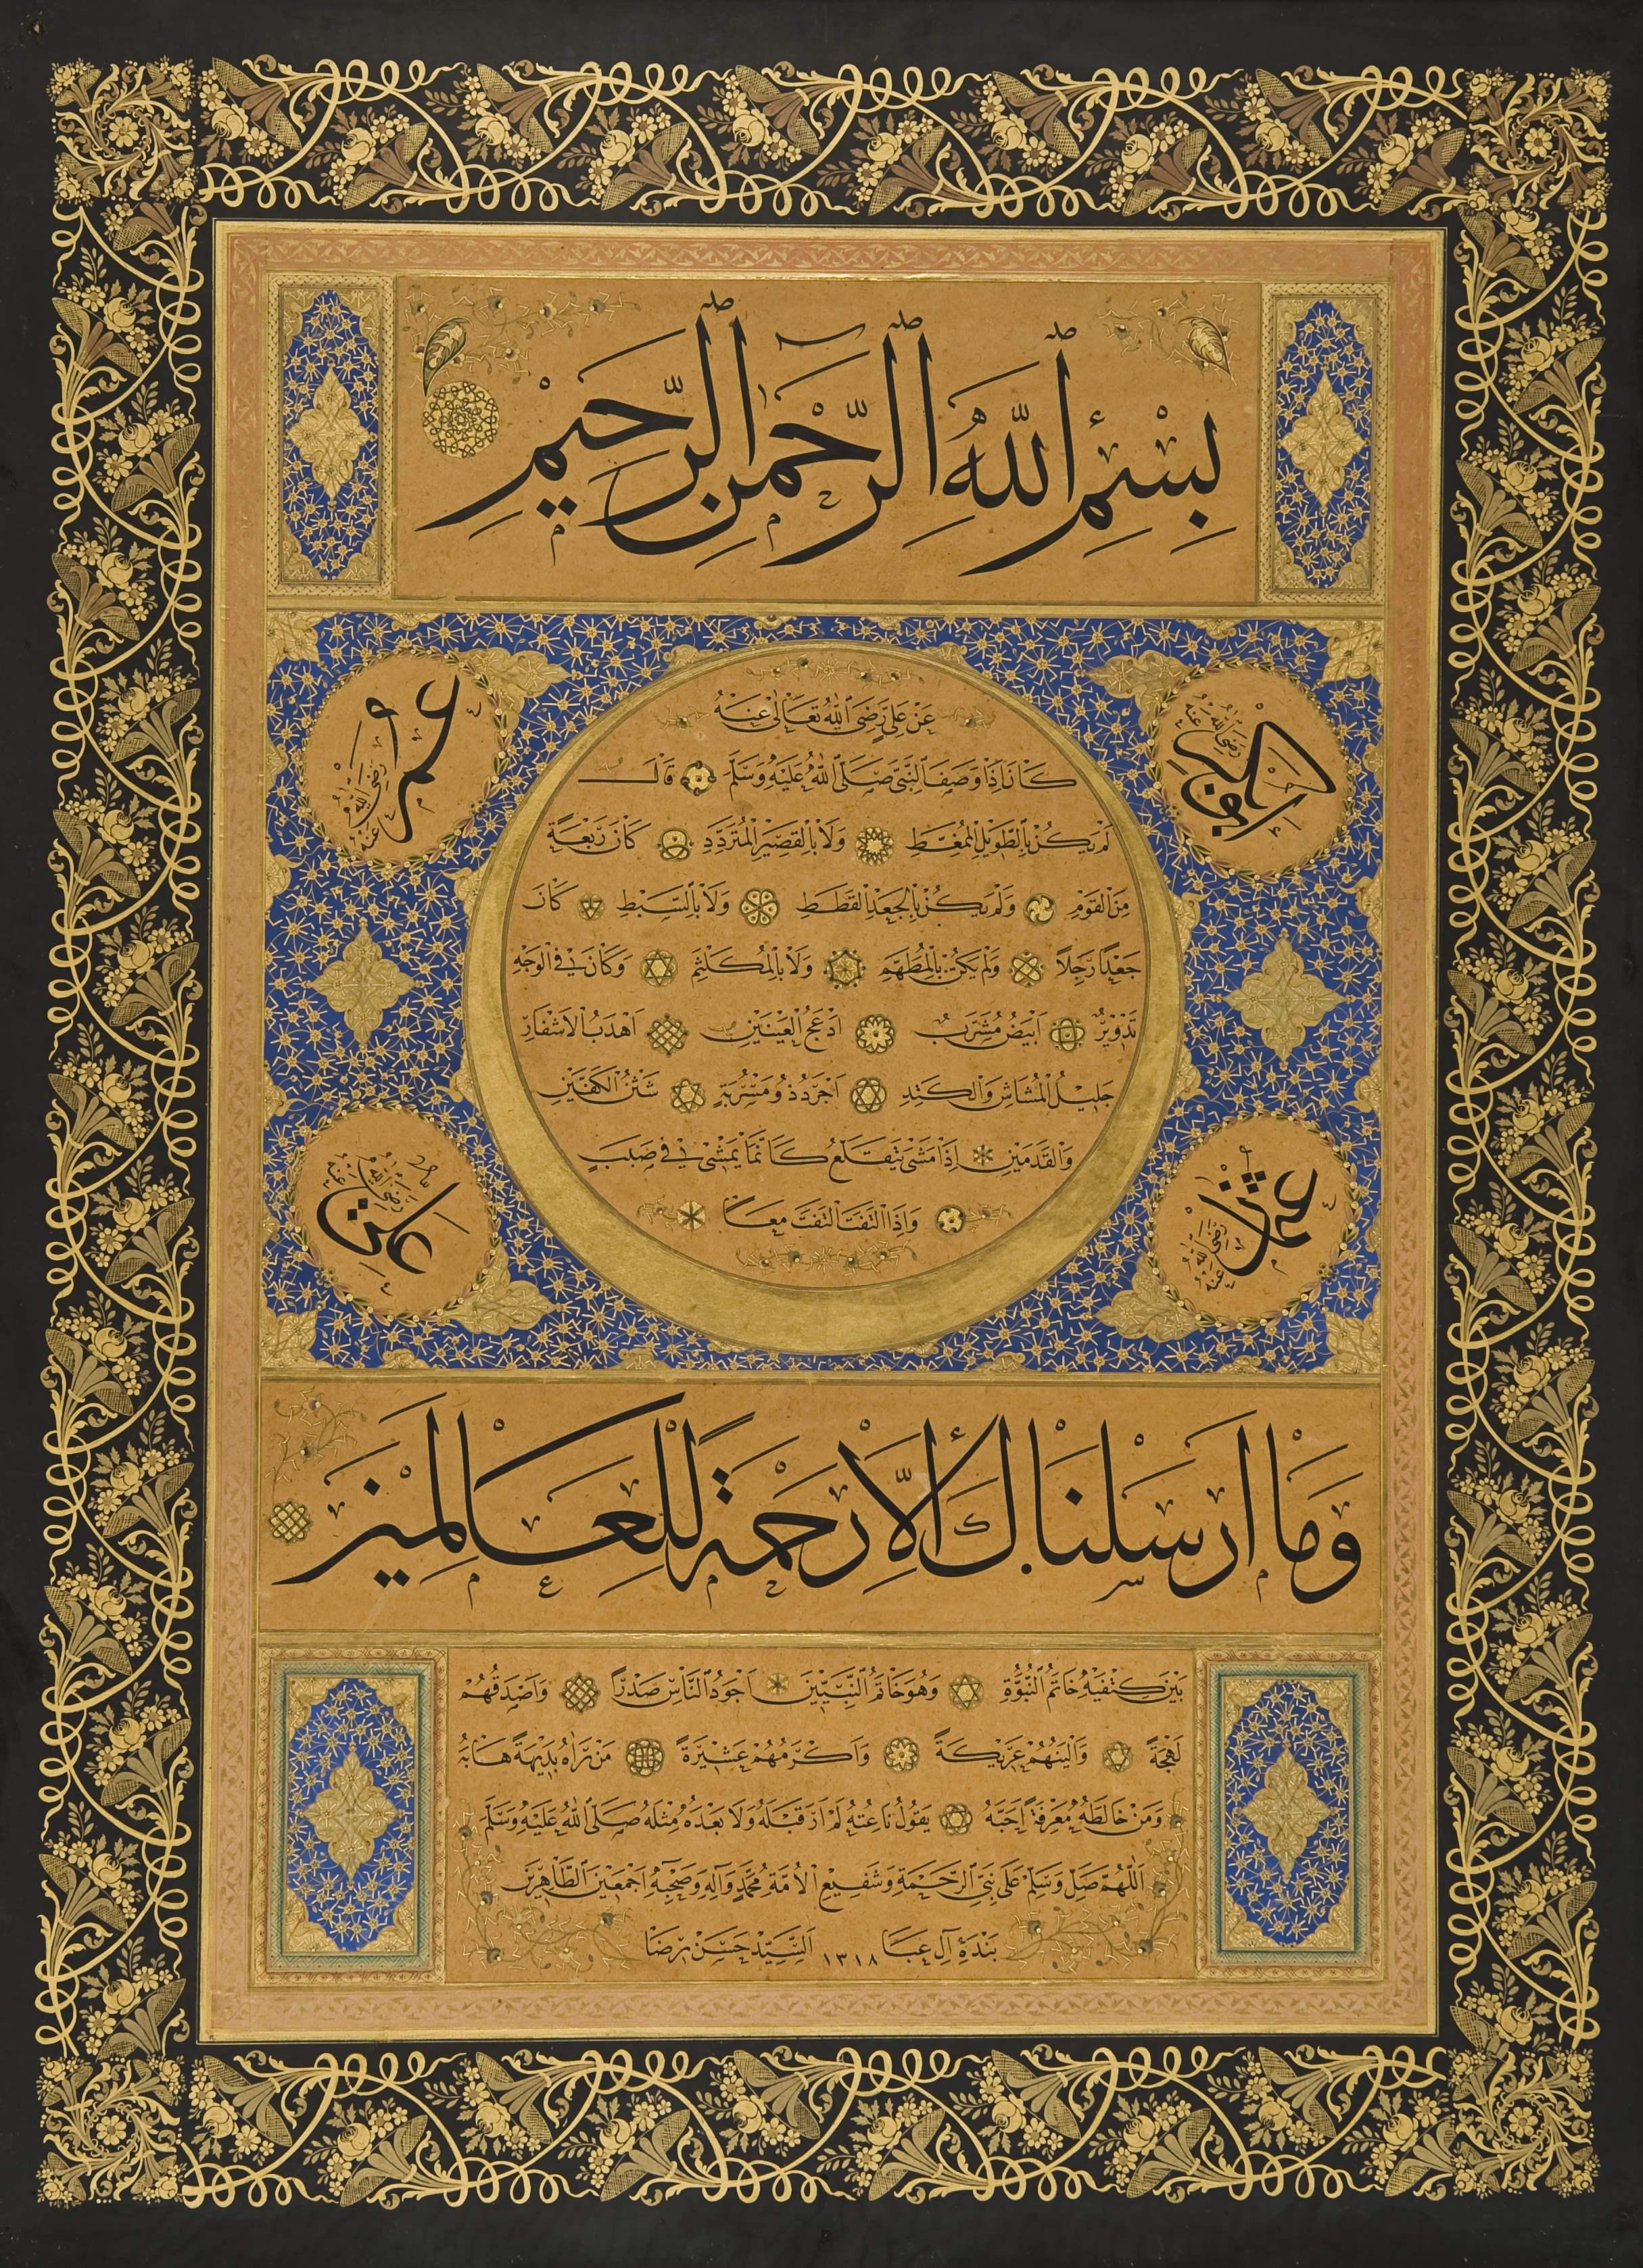 Resim 10. Hz. Muhammed'in fizikî ve ahlâkî özelliklerin sözel olarak betimlendiği bir Hilye-i Şerîfe. (Hasan Rıza Efendi, İstanbul, 1900–1901.)